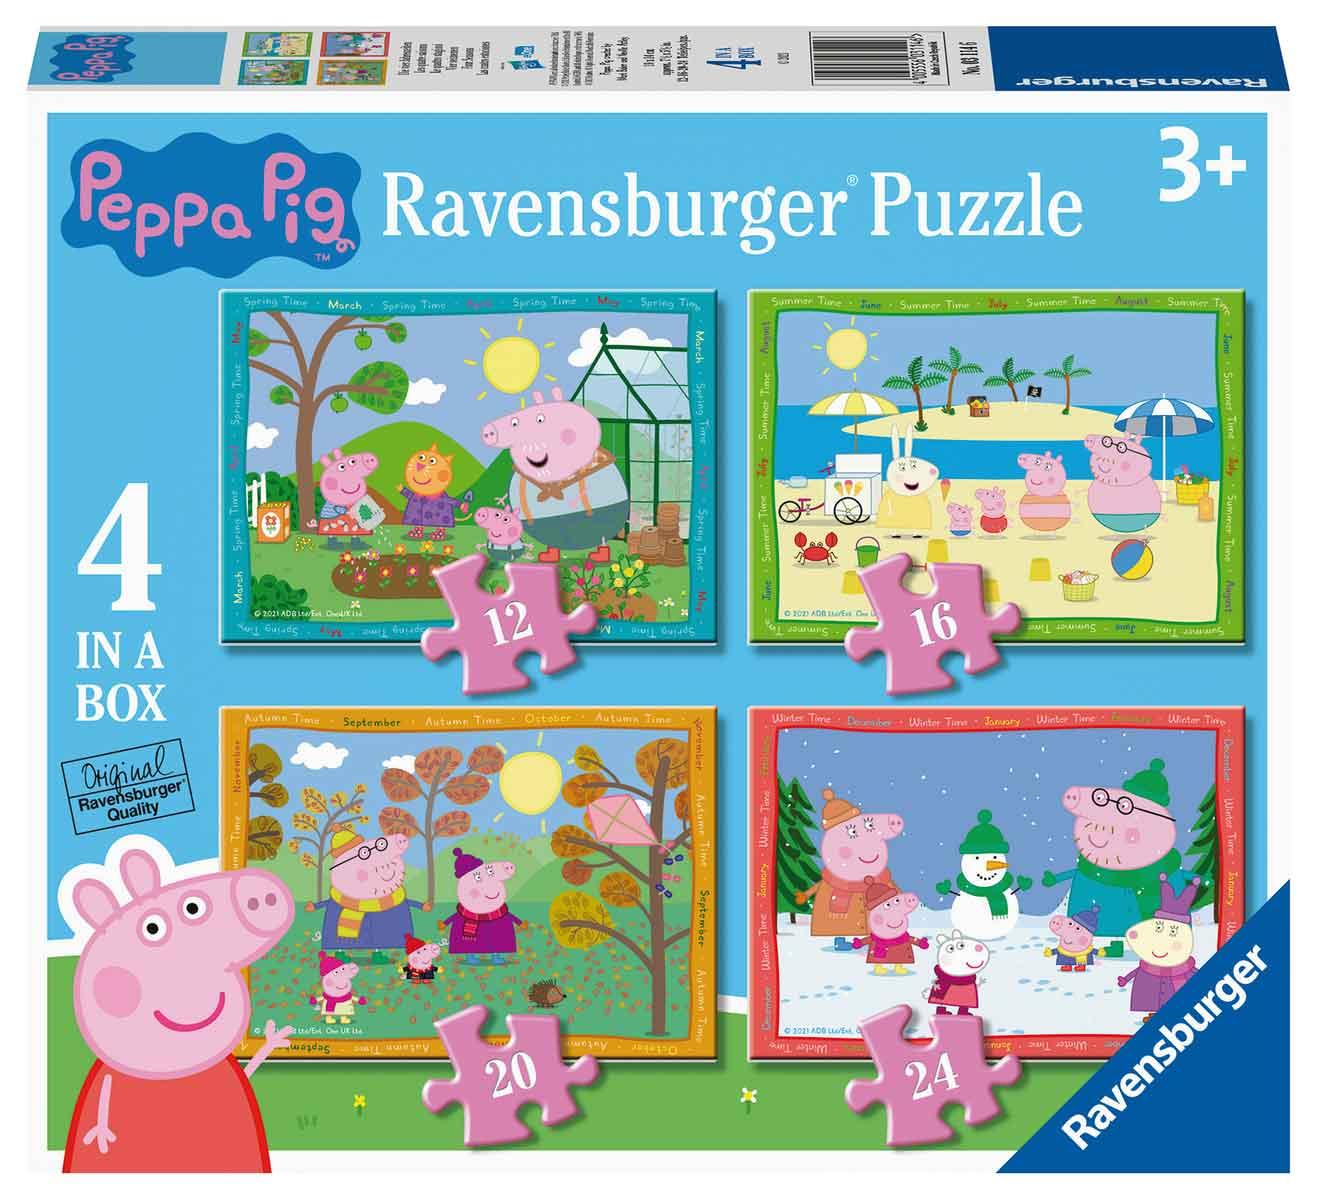 Puzzle Ravensburger Peppa Pig Progresivo de 12+16+20+24 Piezas